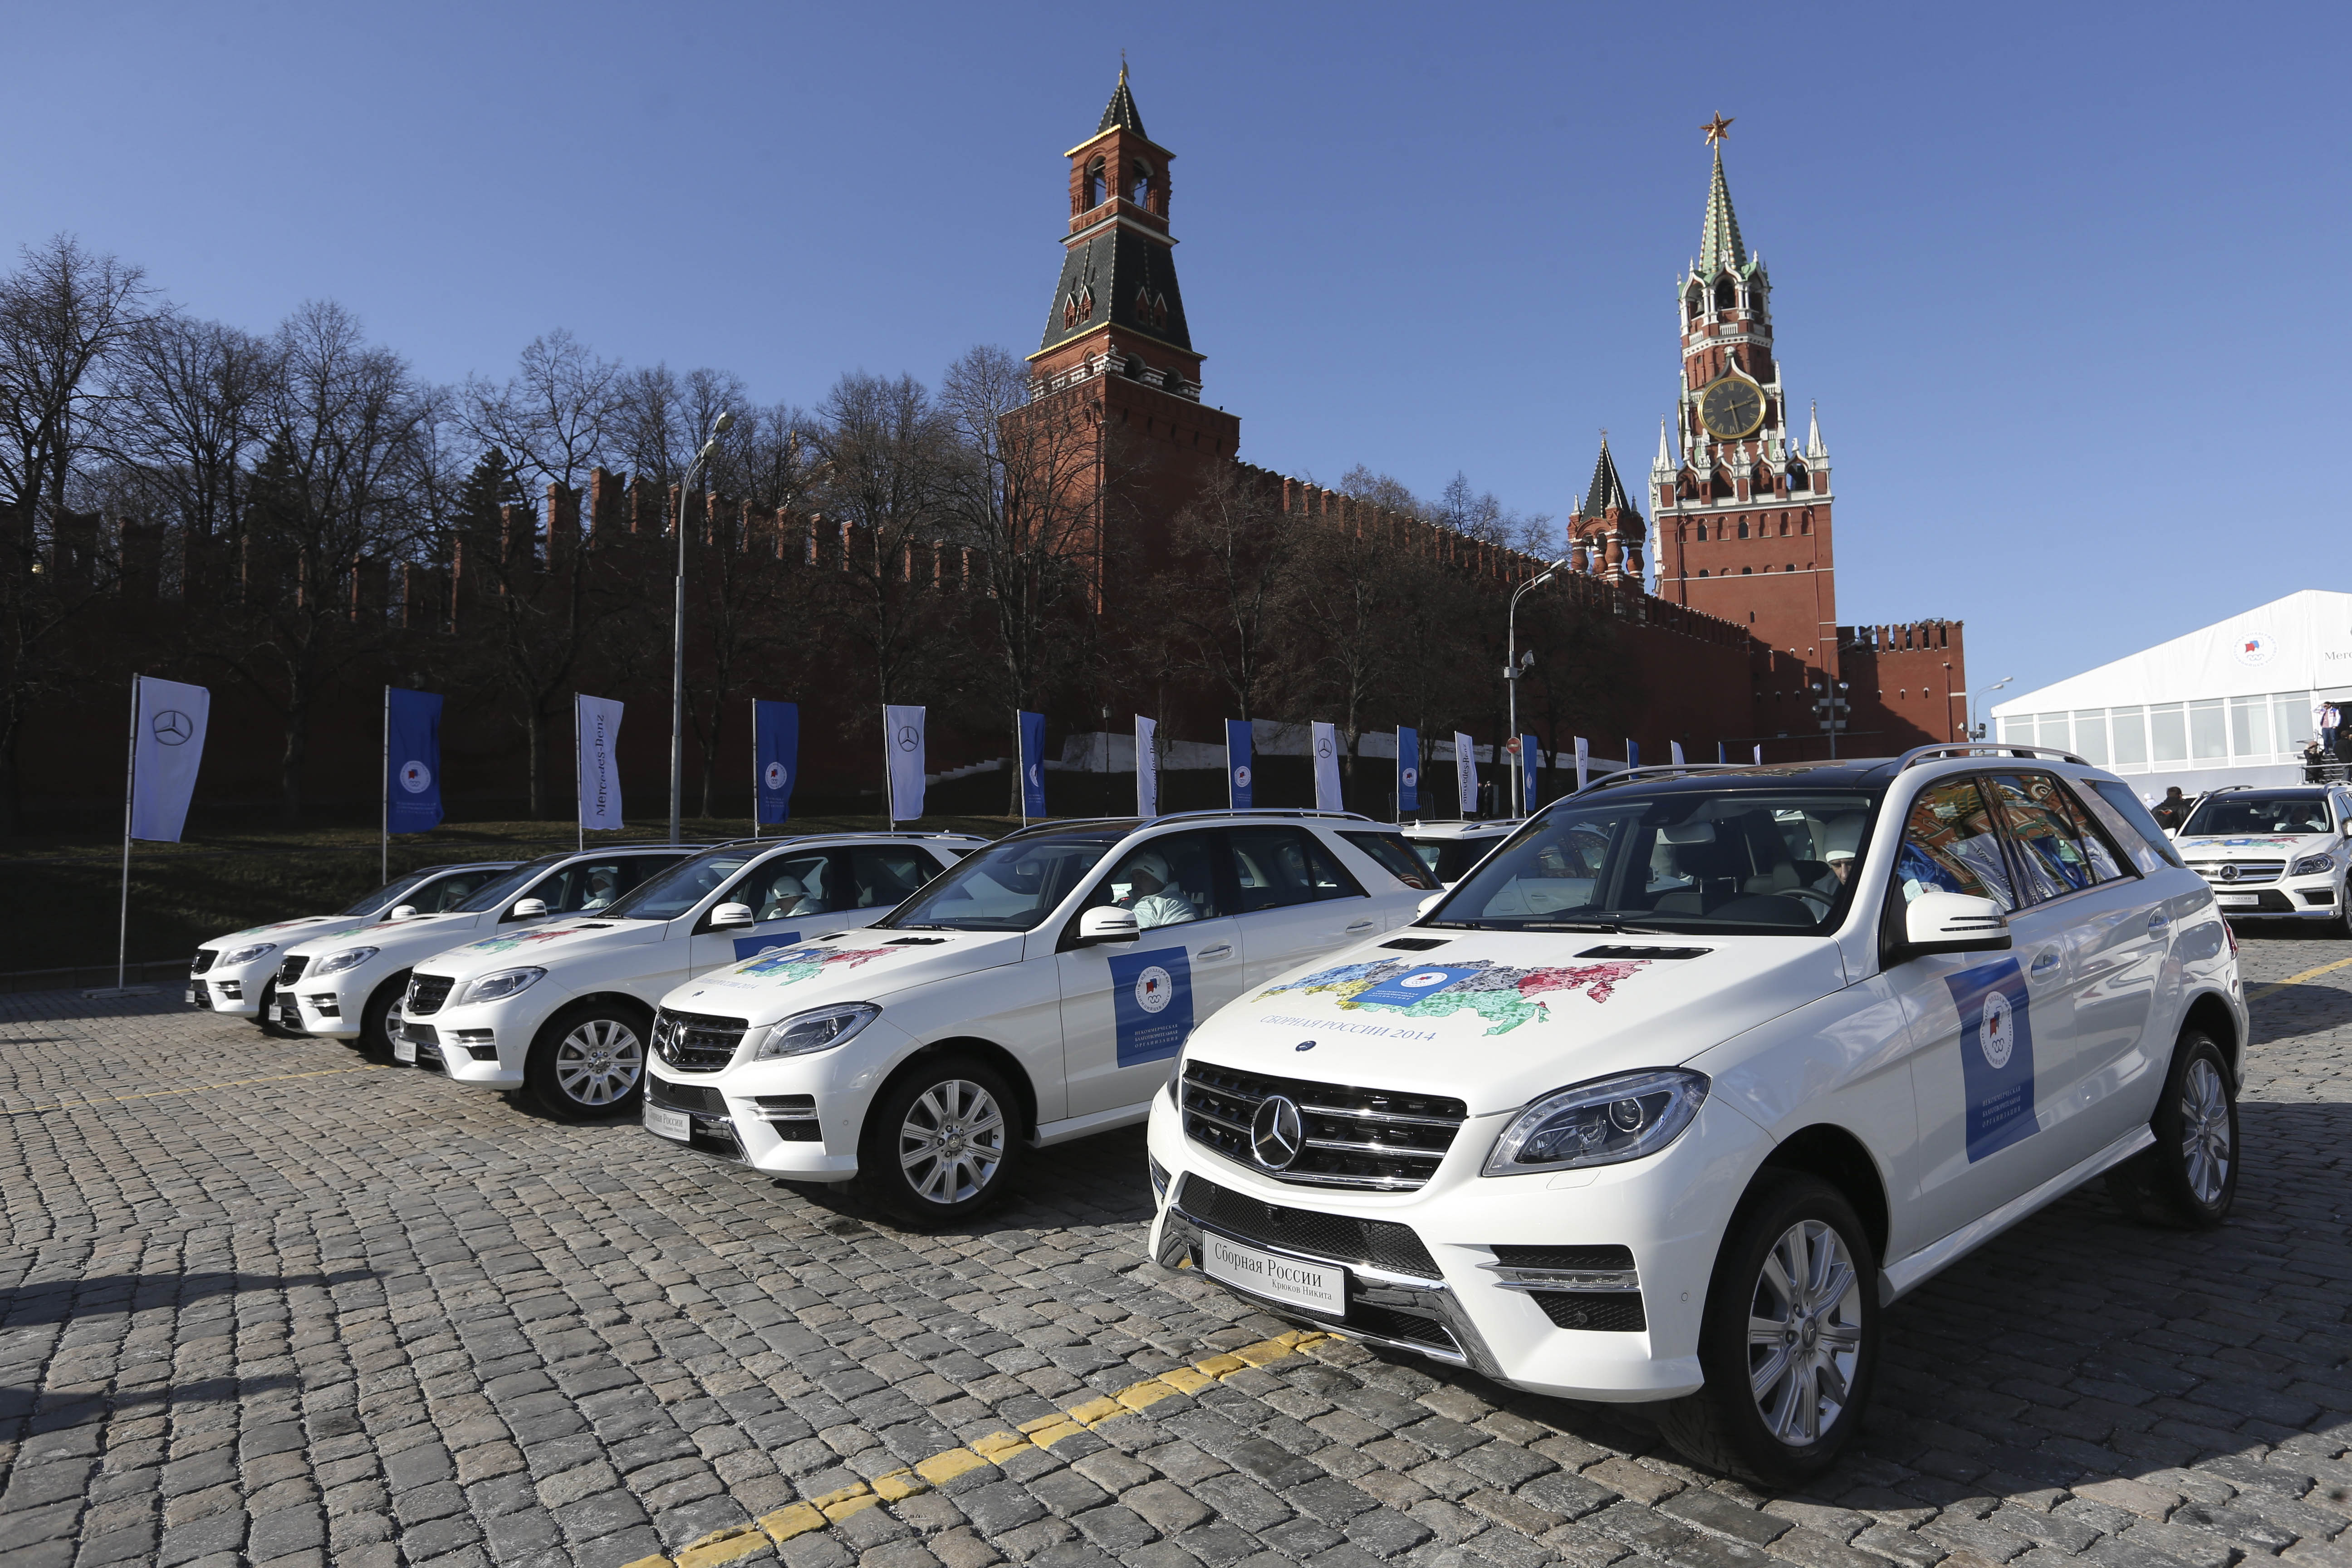 Автомобили, врученные Фондом поддержки олимпийцев России на Красной площади победителям и призерам ХХII Олимпийских зимних игр 2014 года в Сочи